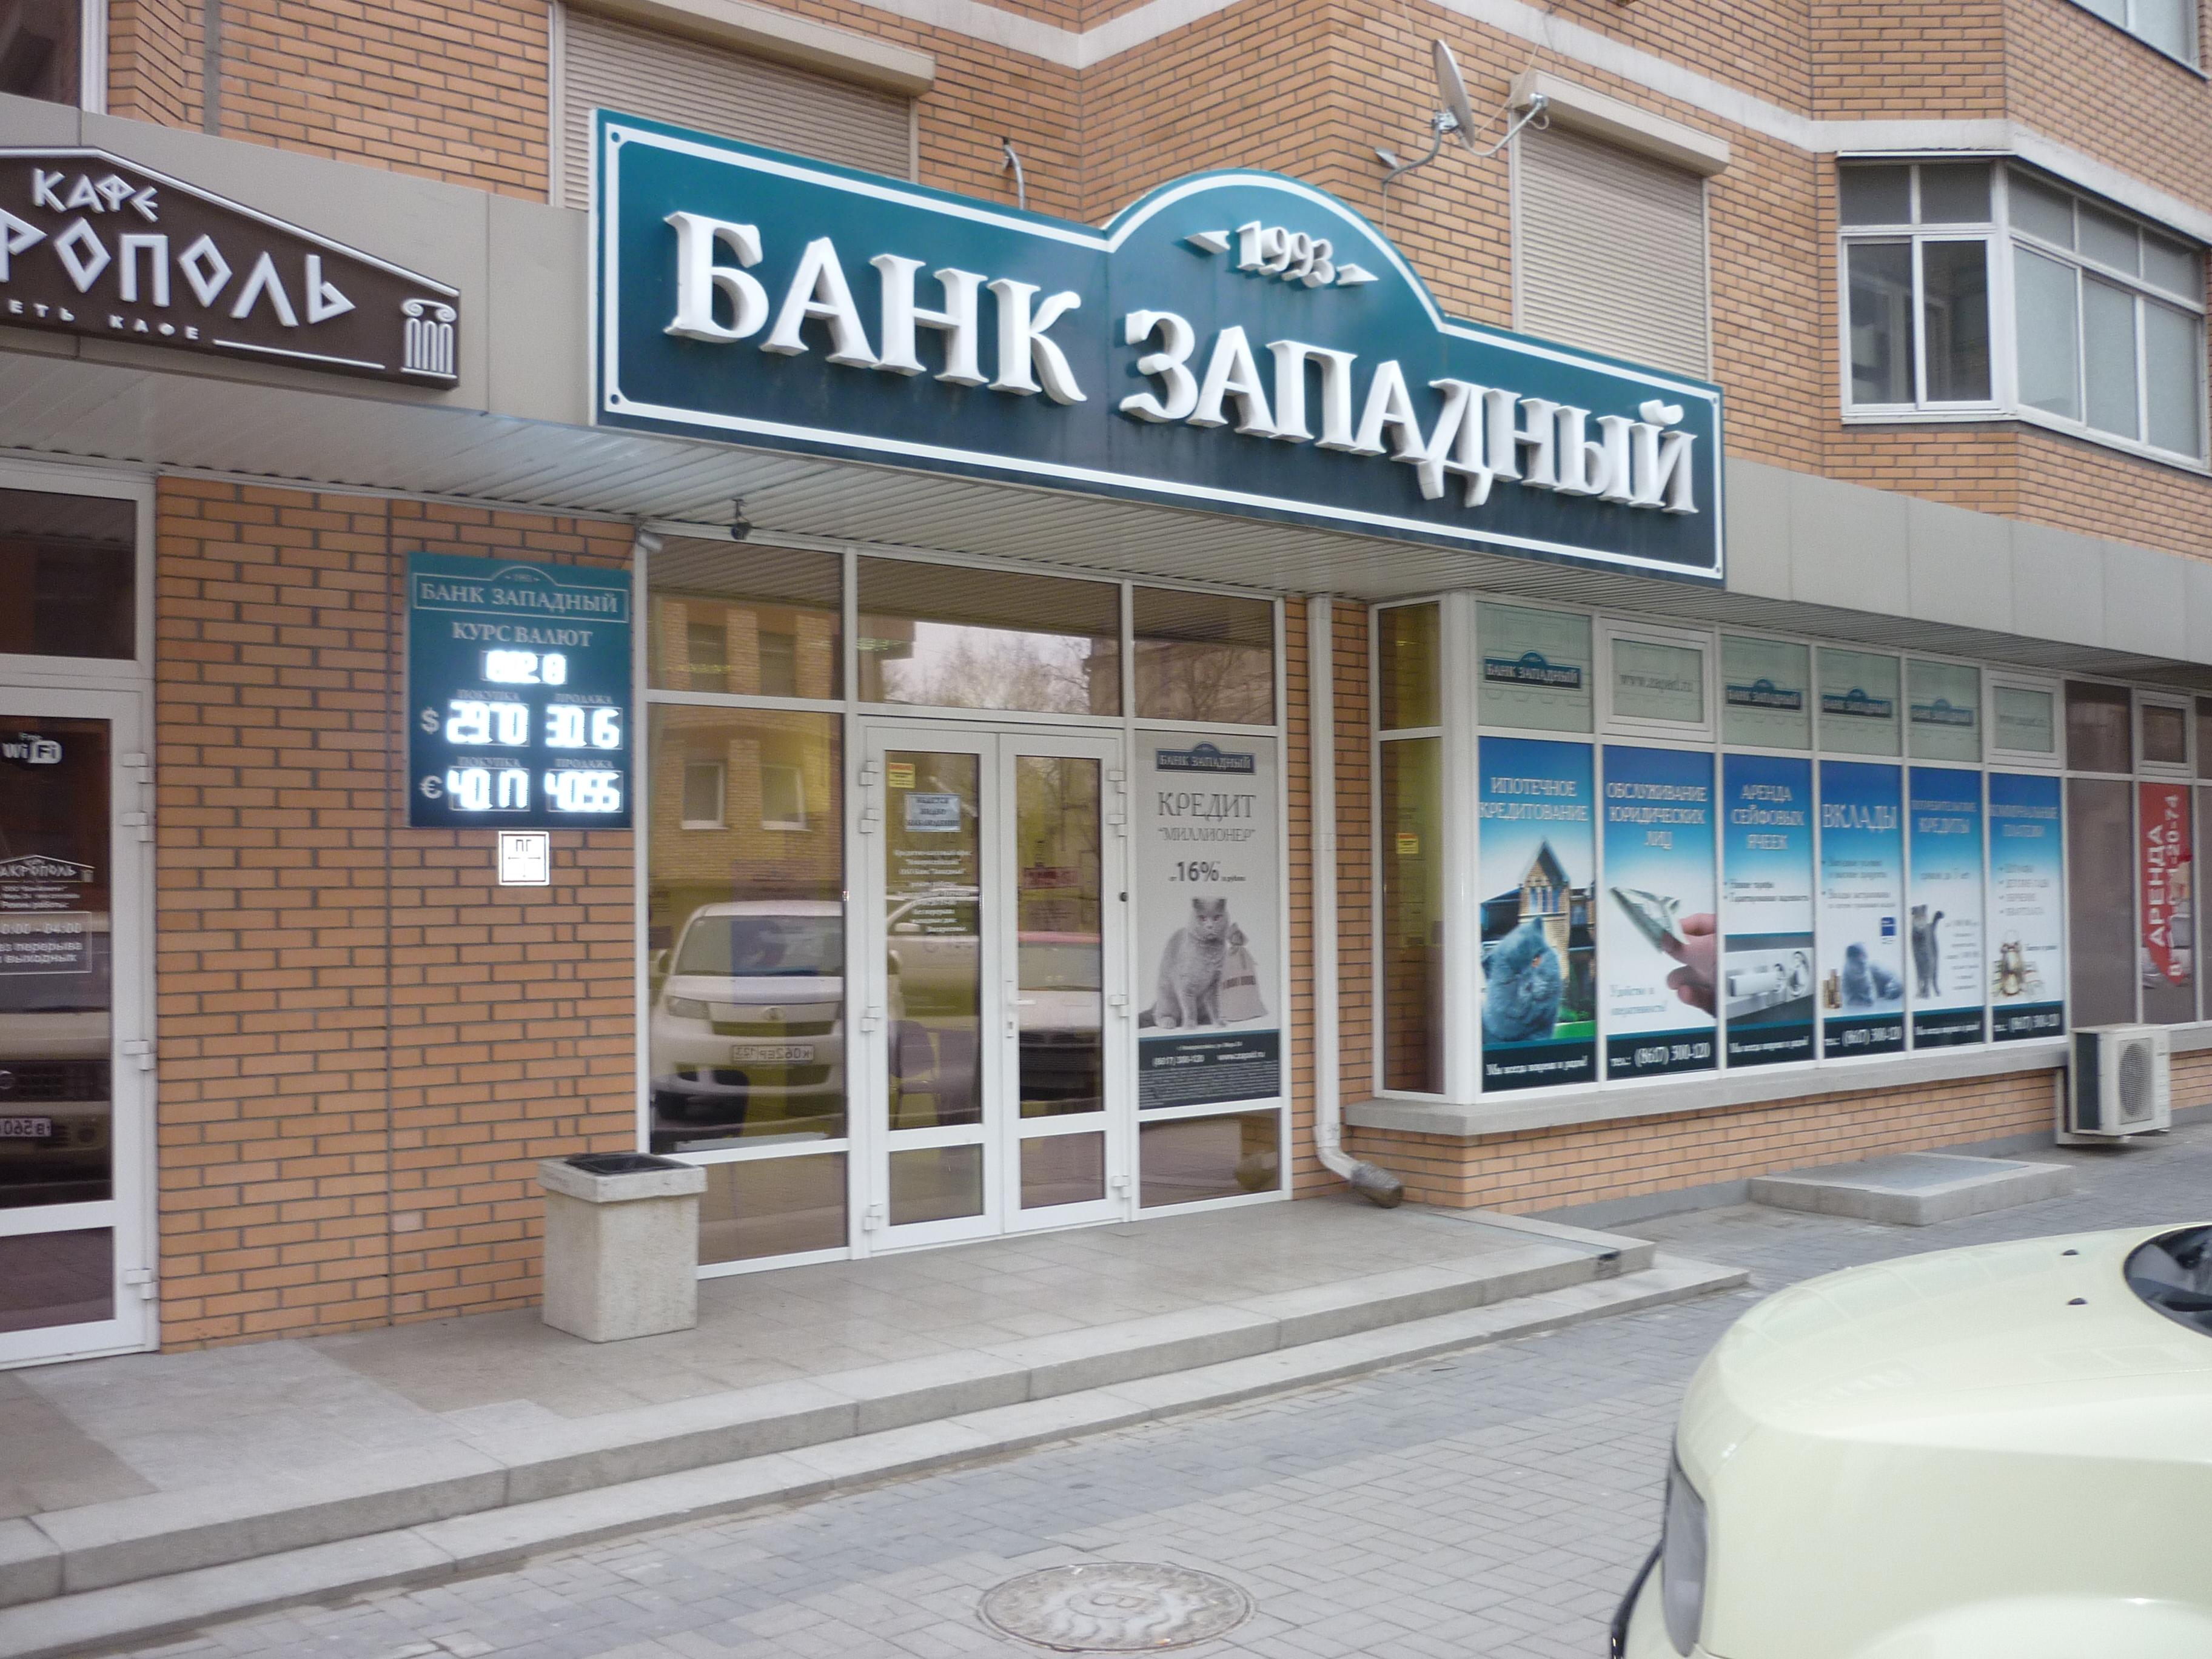 """Офис банка """"Западный"""""""